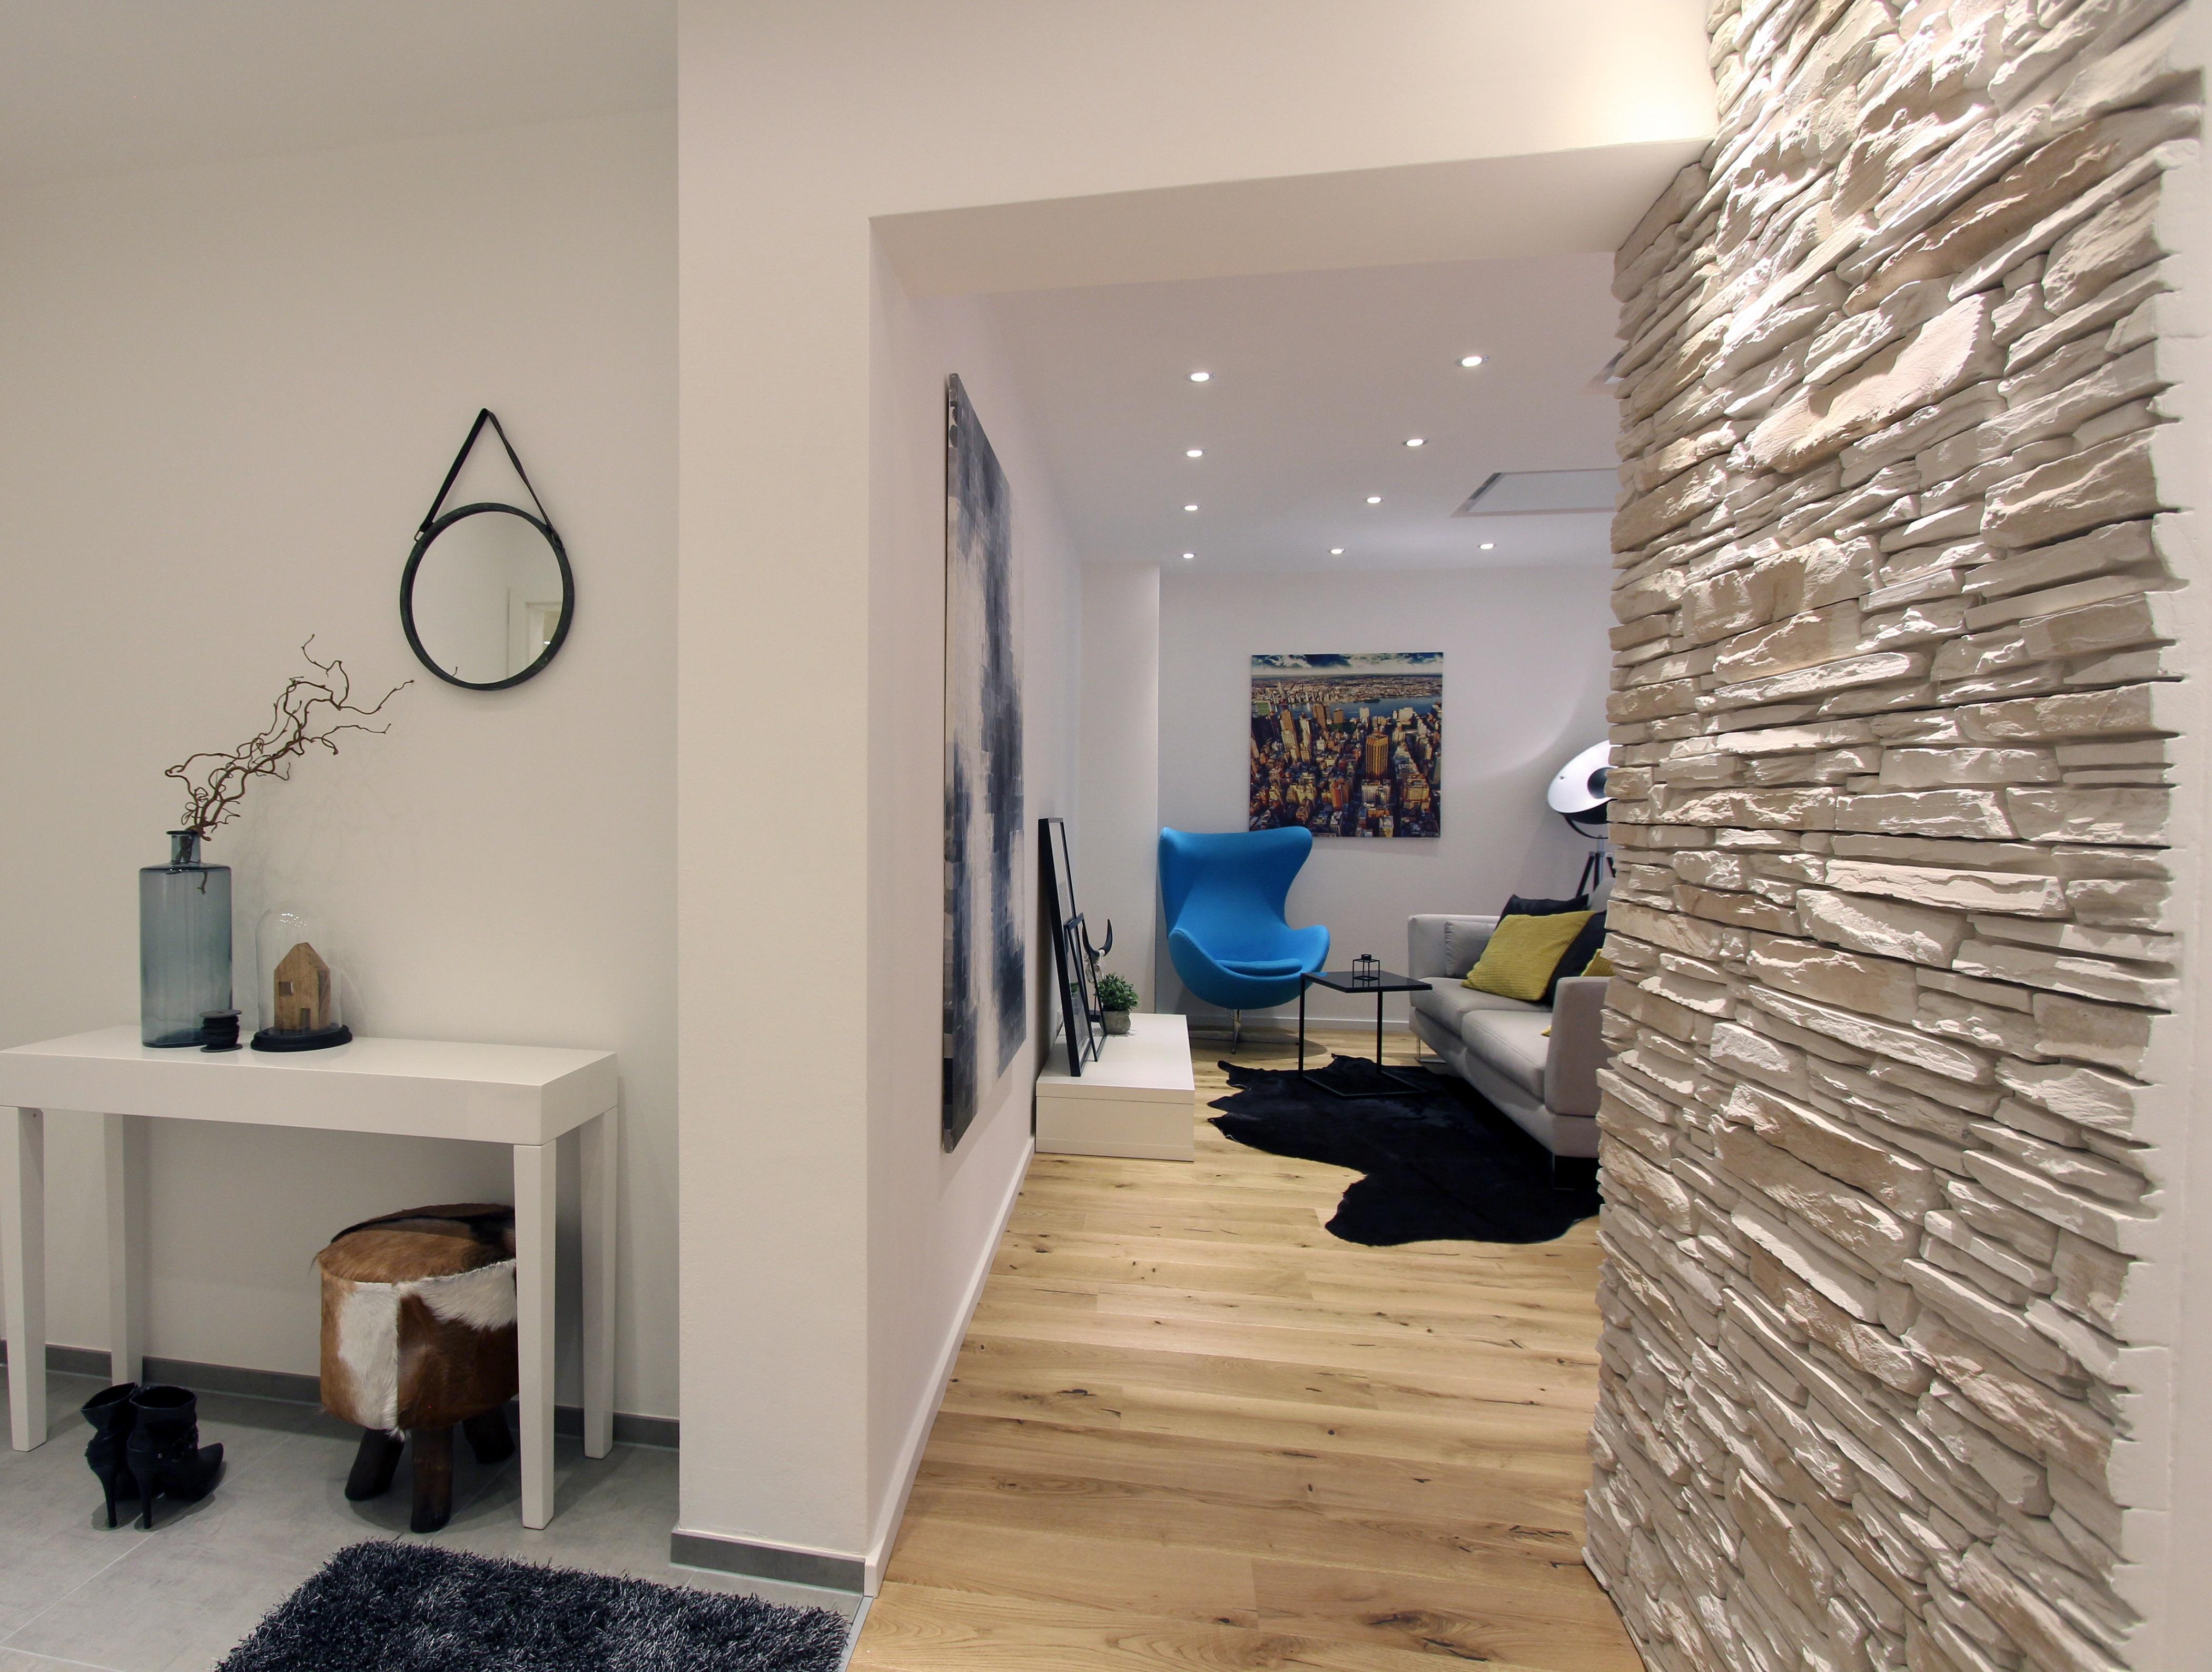 steinwand bilder ideen couchstyle. Black Bedroom Furniture Sets. Home Design Ideas